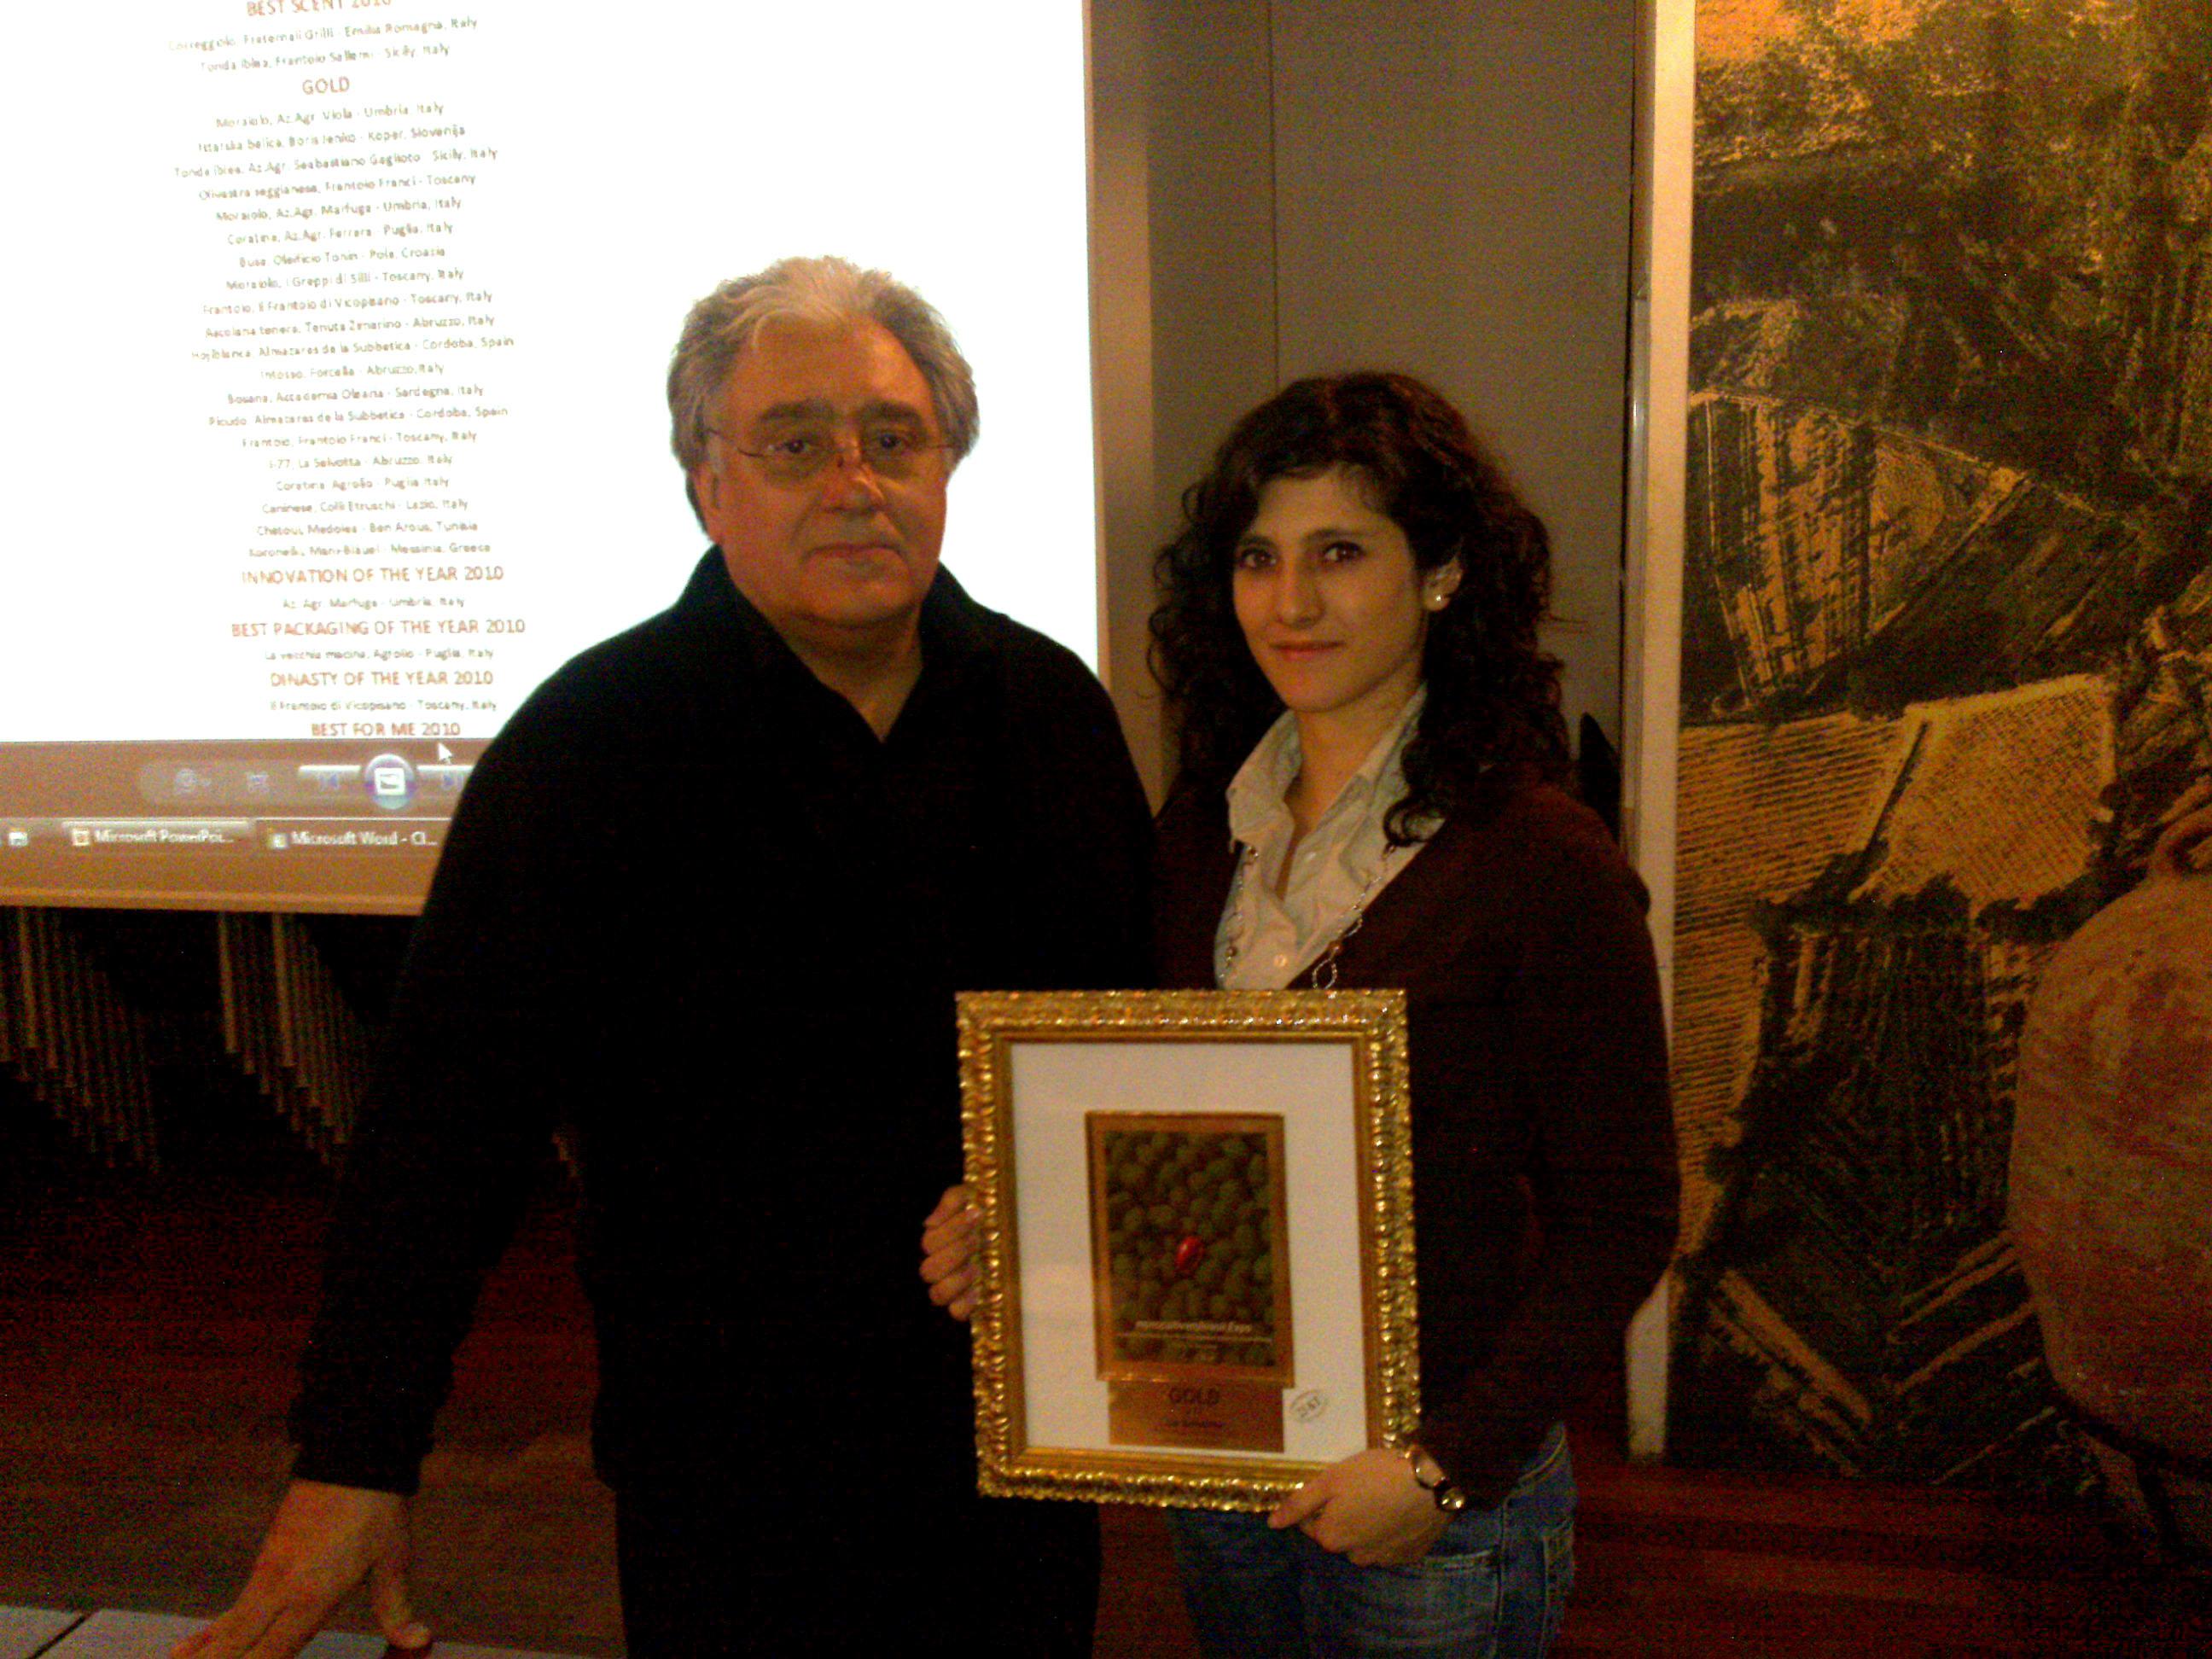 m.expo 2010 GC e Flavia